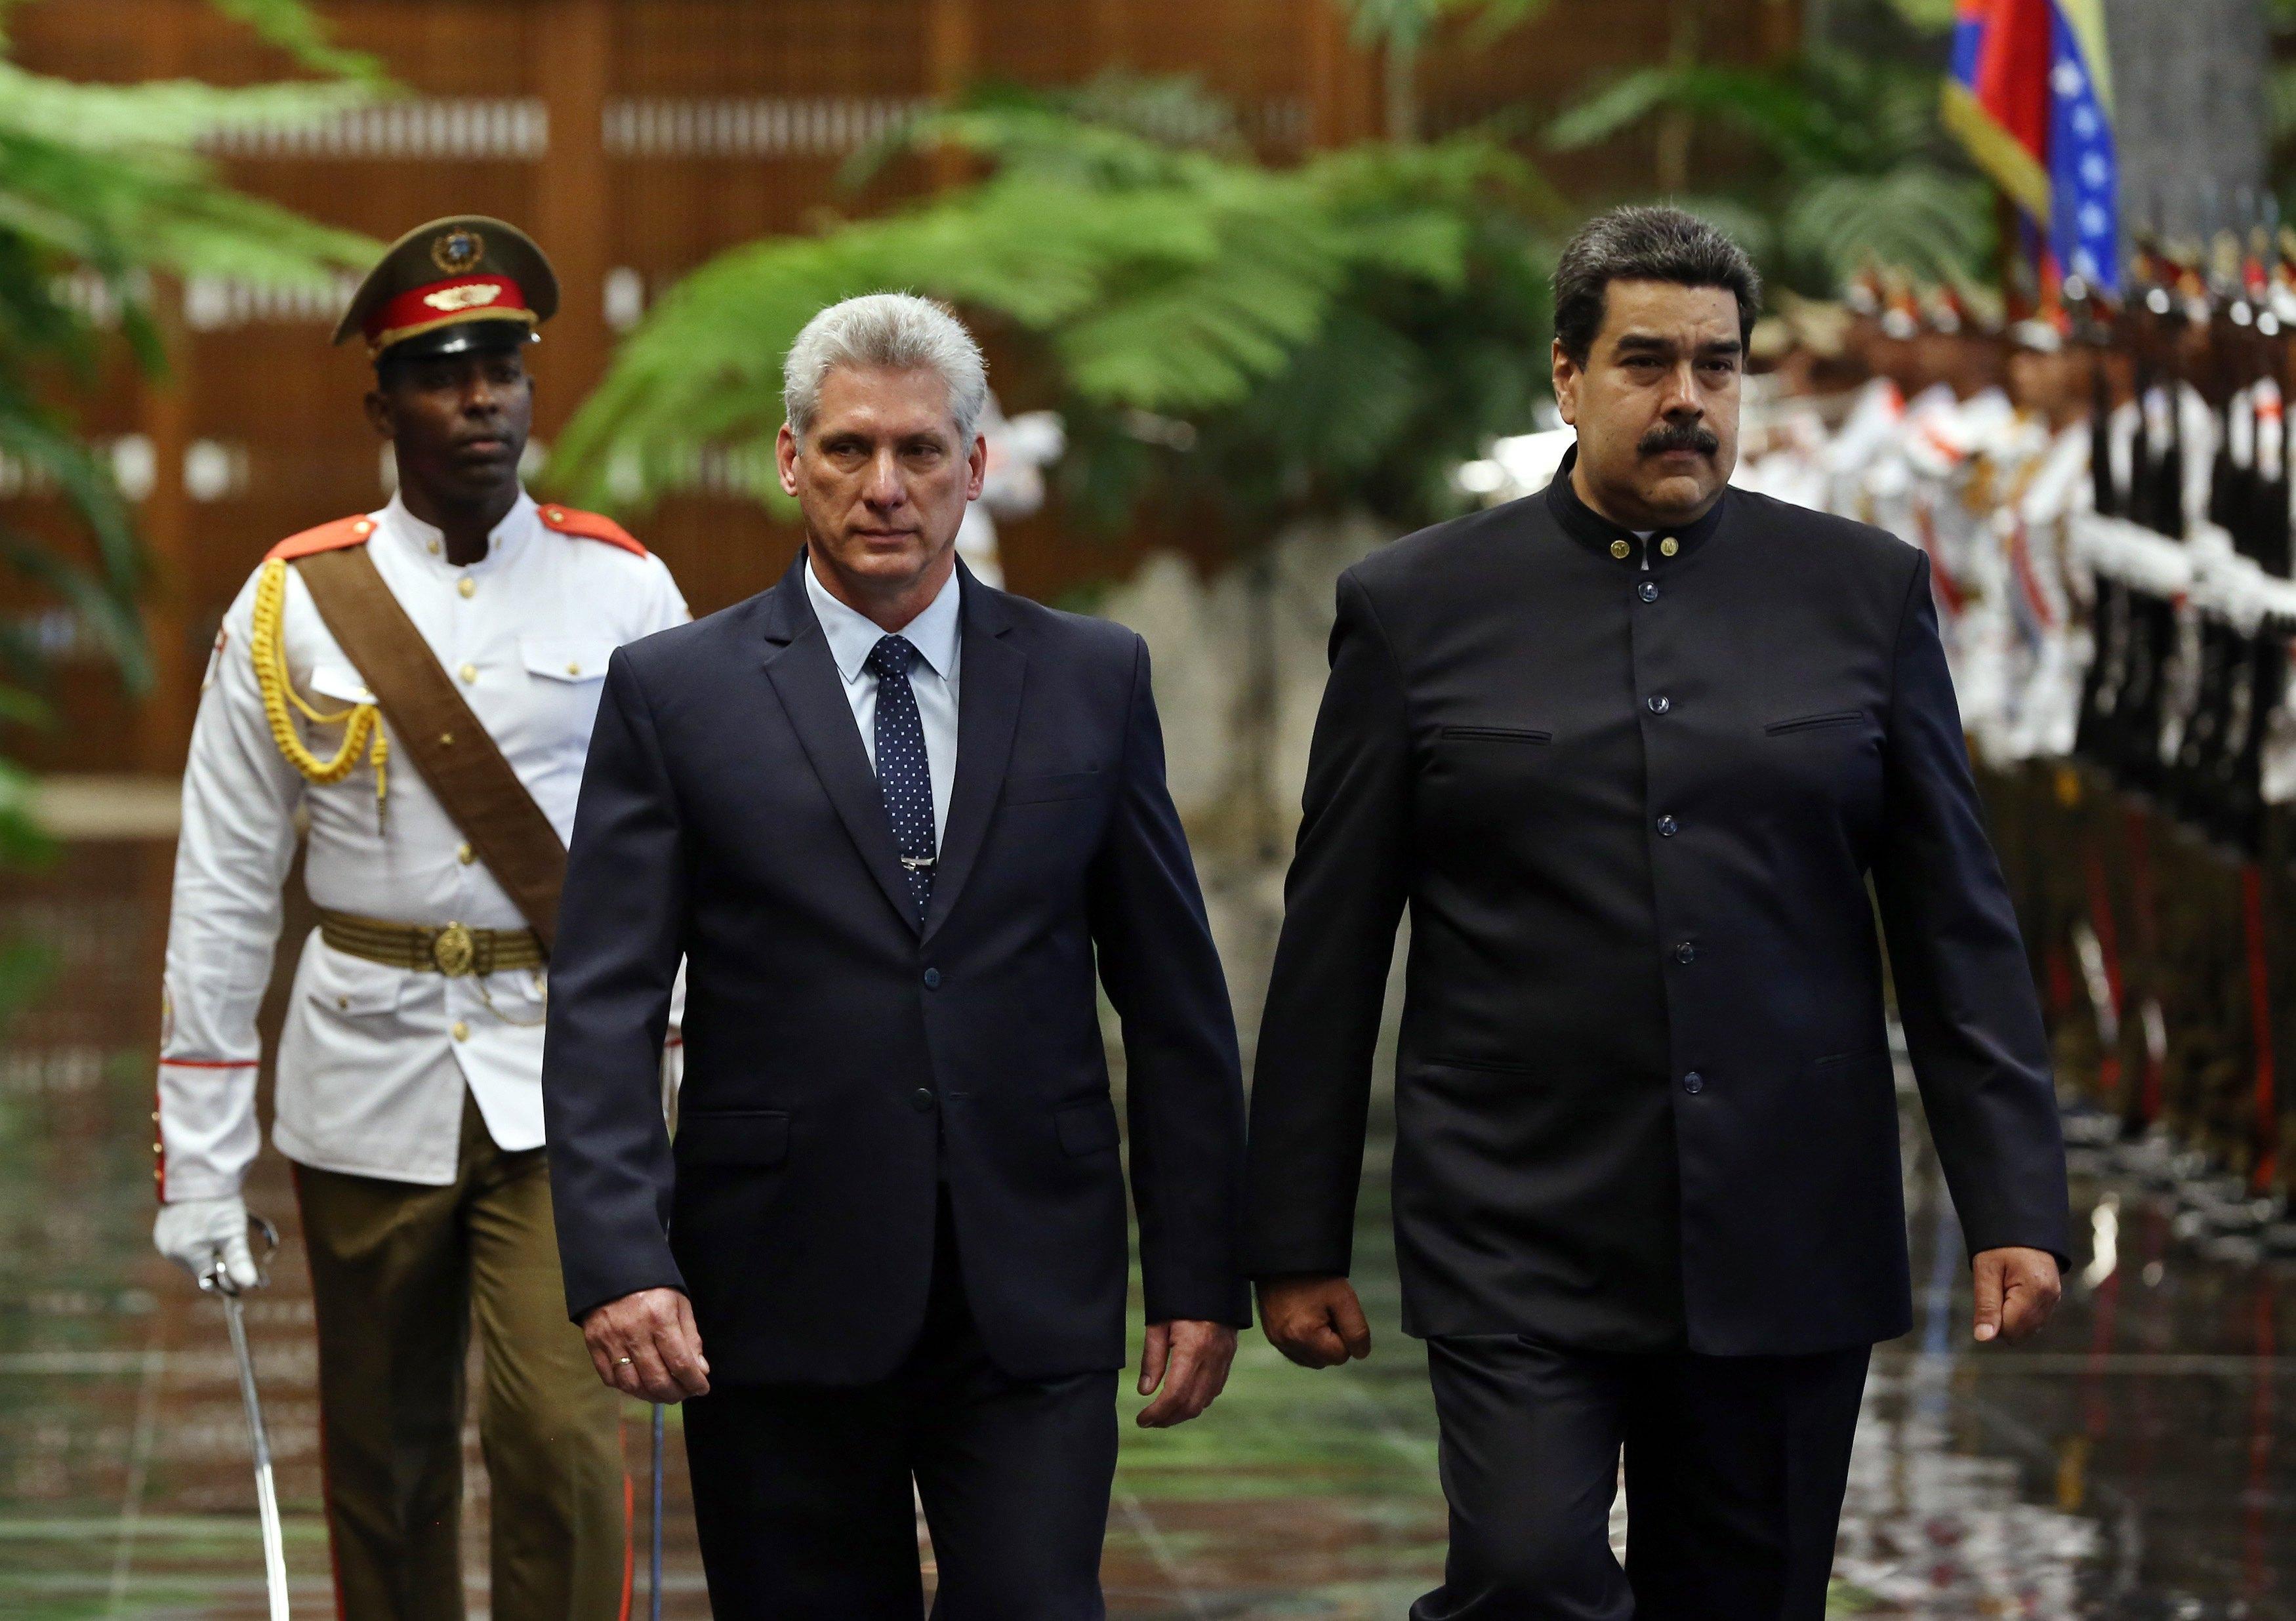 Maduro prvi strani državnik u posjetu novom kubanskom čelniku